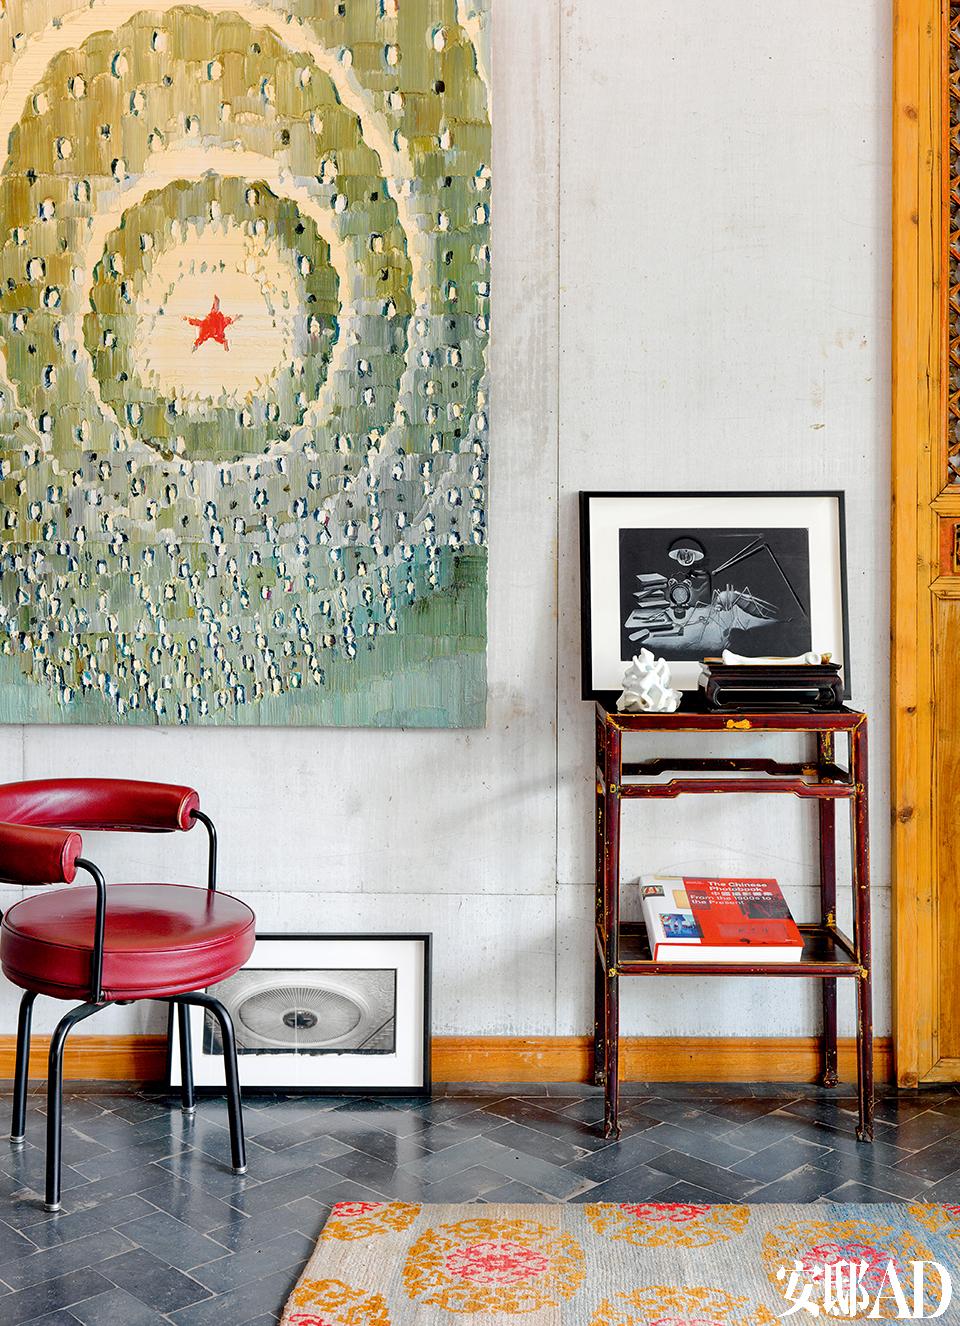 墙壁上这幅描绘人民大会堂天花板的油画来自艺术家李松松。地板上的小幅摄影作品来自Lois Conner。木几和椅子都是从三里屯公寓搬过来的老家具。